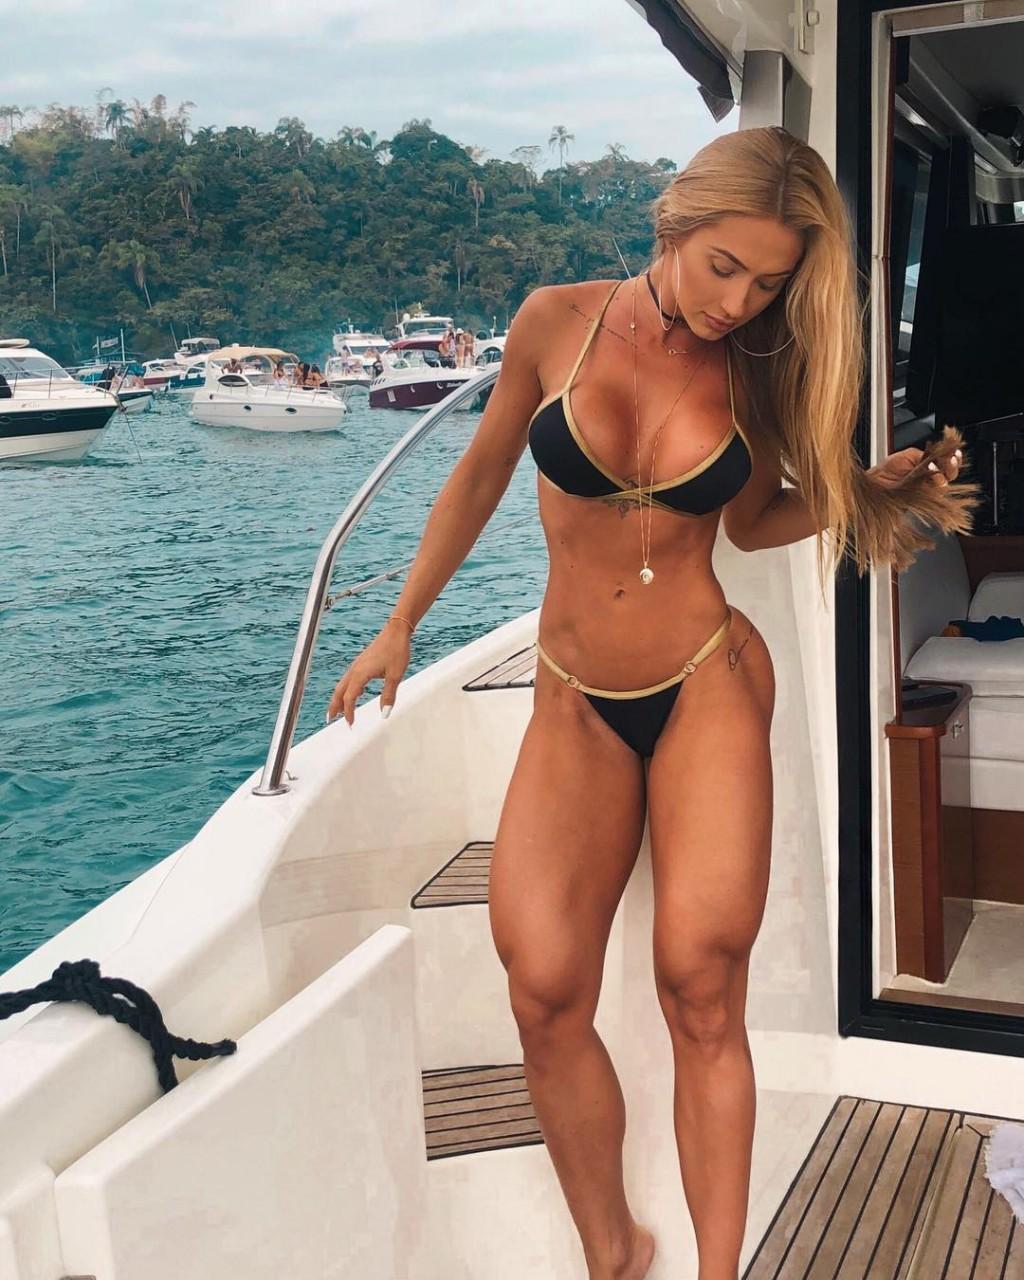 Красивые бразильские девушки из Instagram